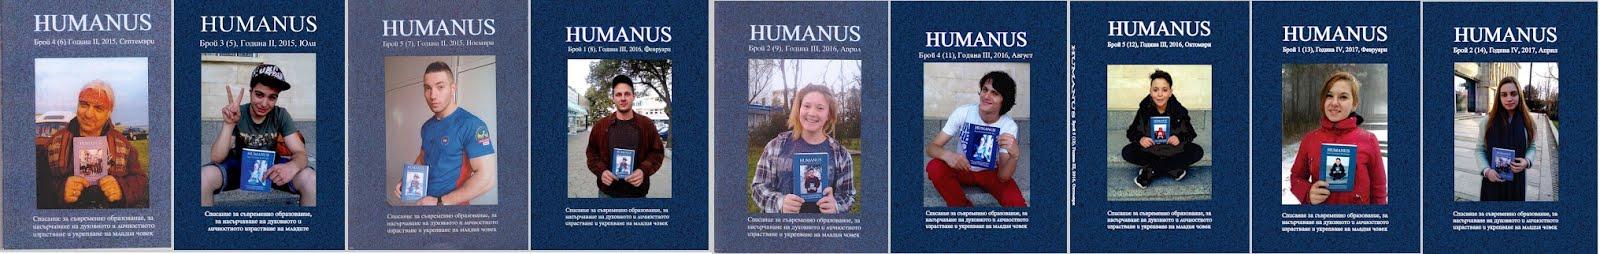 HUMANUS - Онлайн-издание